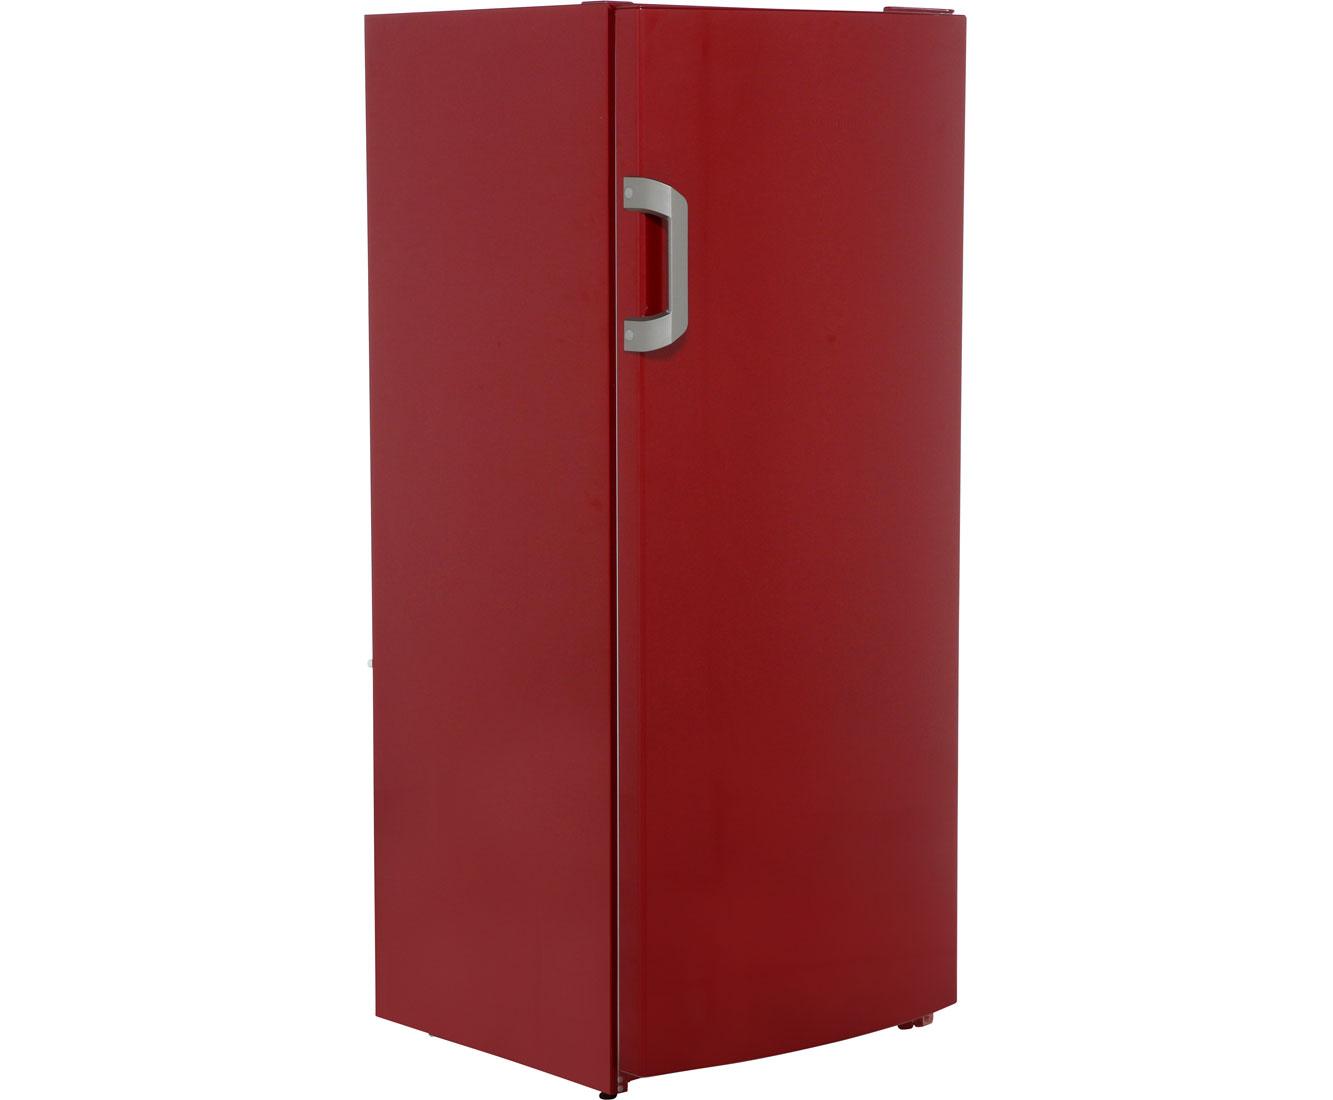 Kühlschrank Neu : Kühlschrank neu gorenje r lx kühlschrank freistehend cm